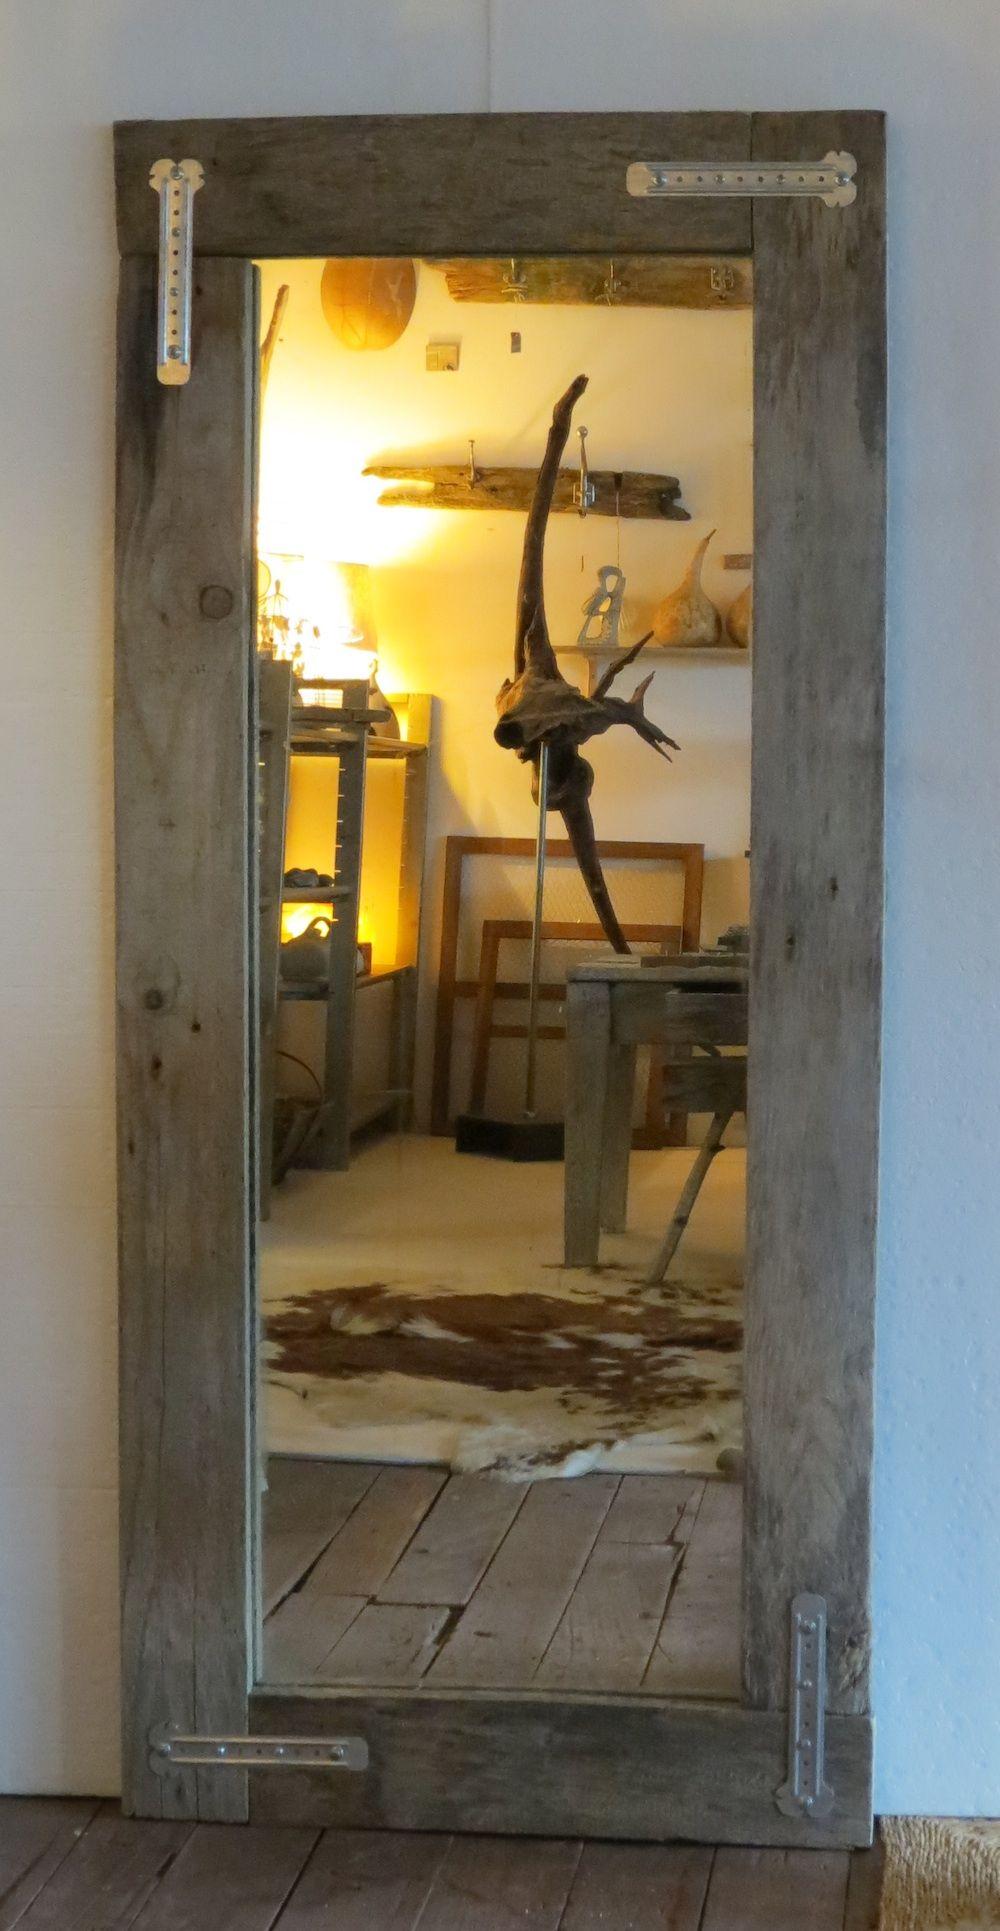 miroir palette bois recherche google metal art pinterest miroir palette miroirs et bois. Black Bedroom Furniture Sets. Home Design Ideas